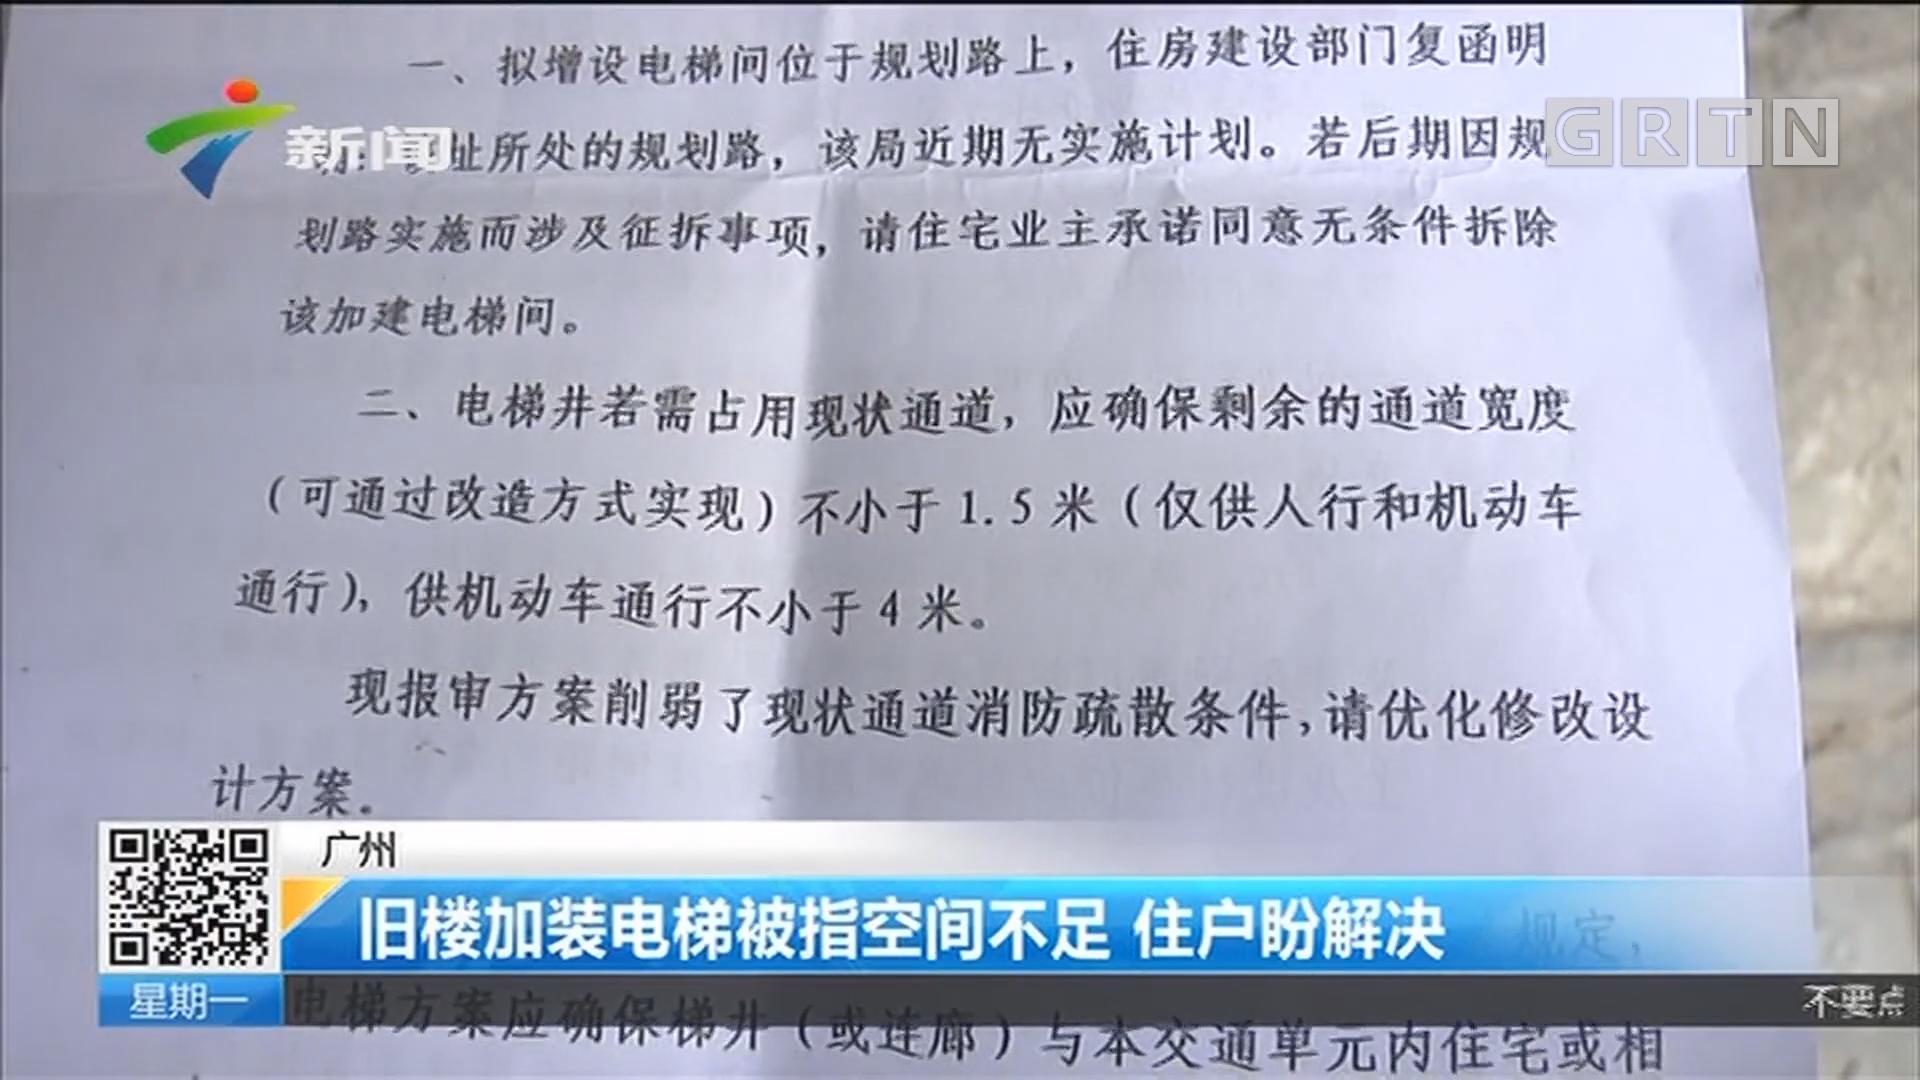 广州 旧楼加装电梯被指空间不足 住户盼解决